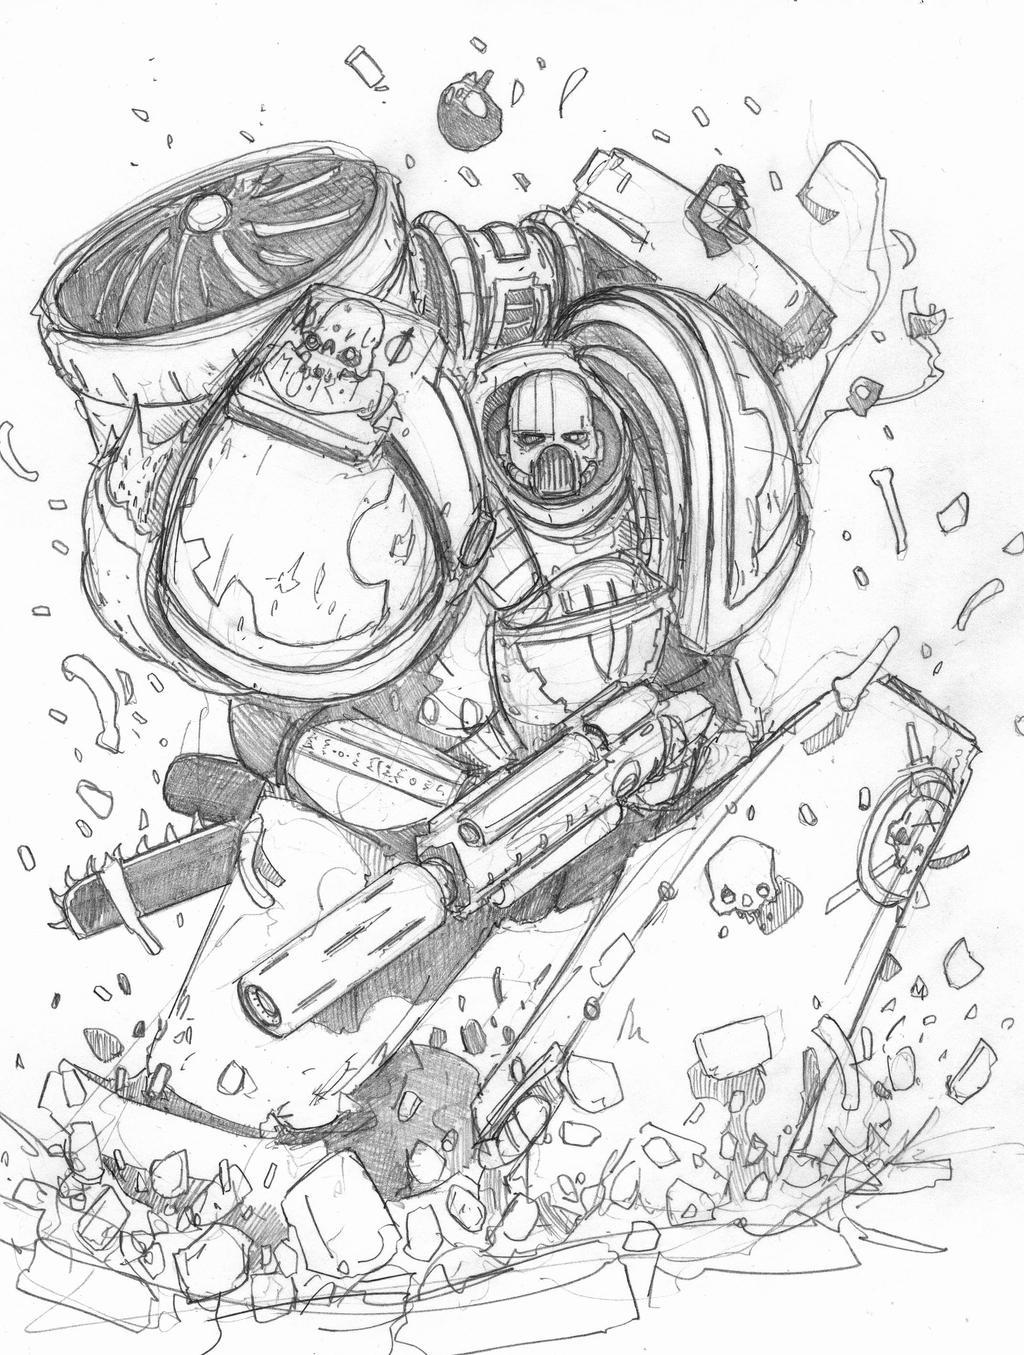 Emperor's Hawk Sketch by DarkMechanic